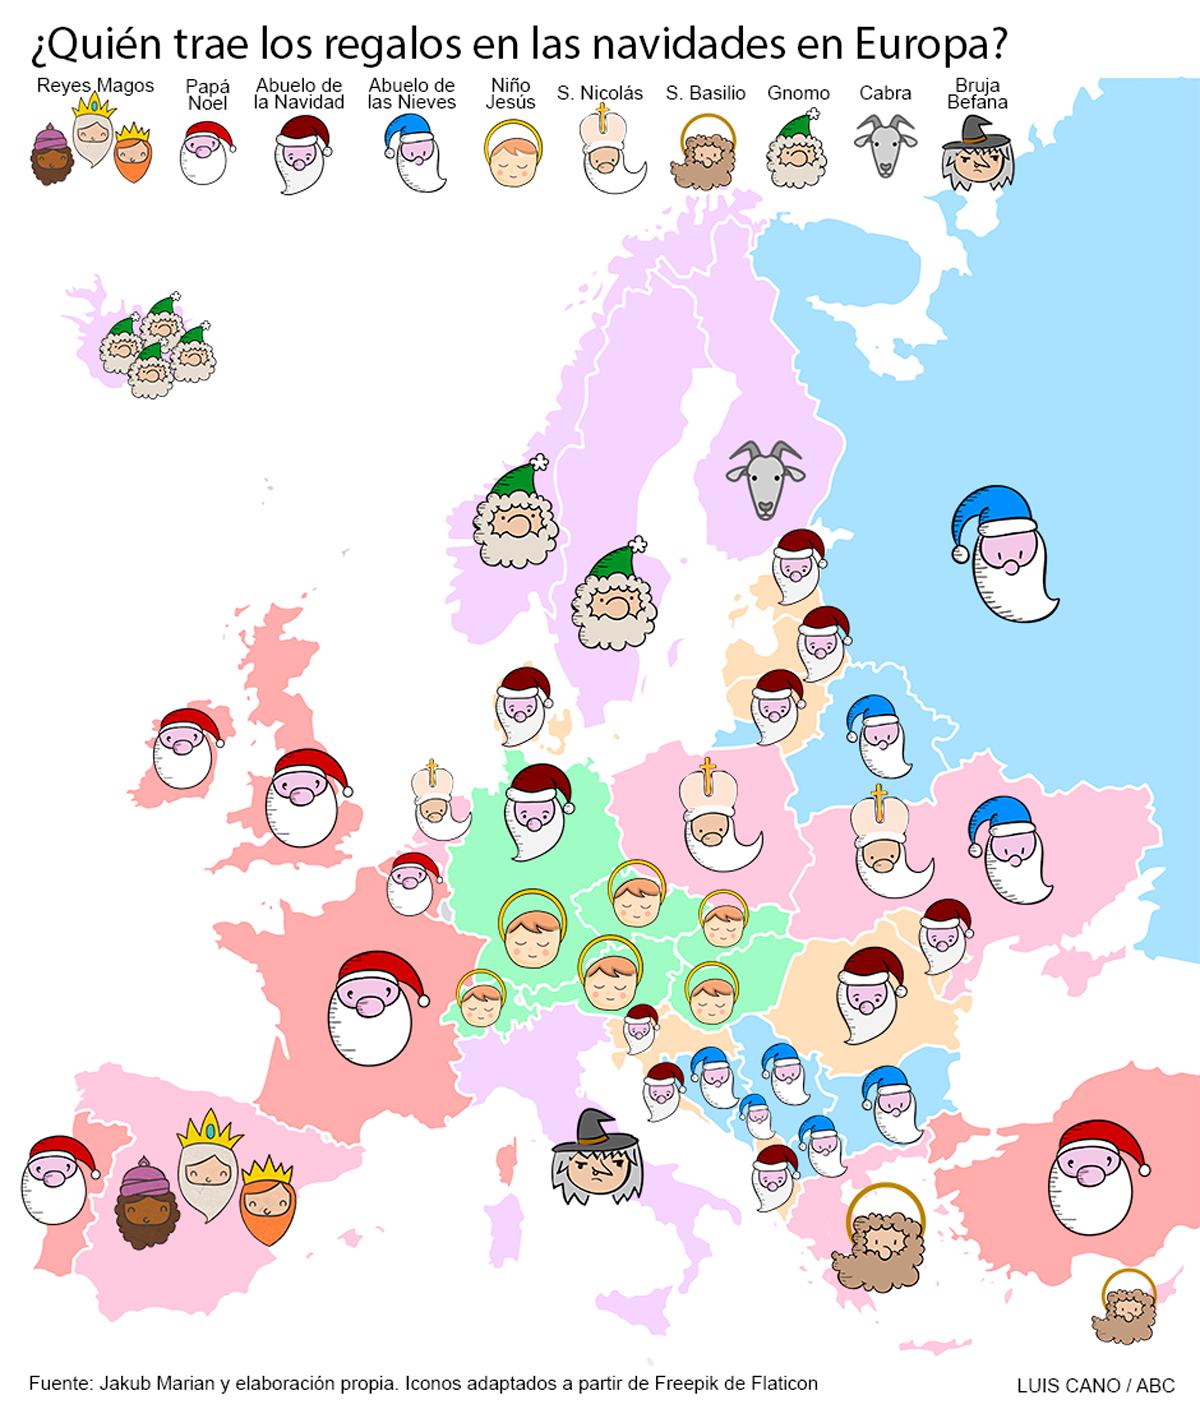 Quien Trae Los Regalos En Las Navidades En Cada Pais De Europa